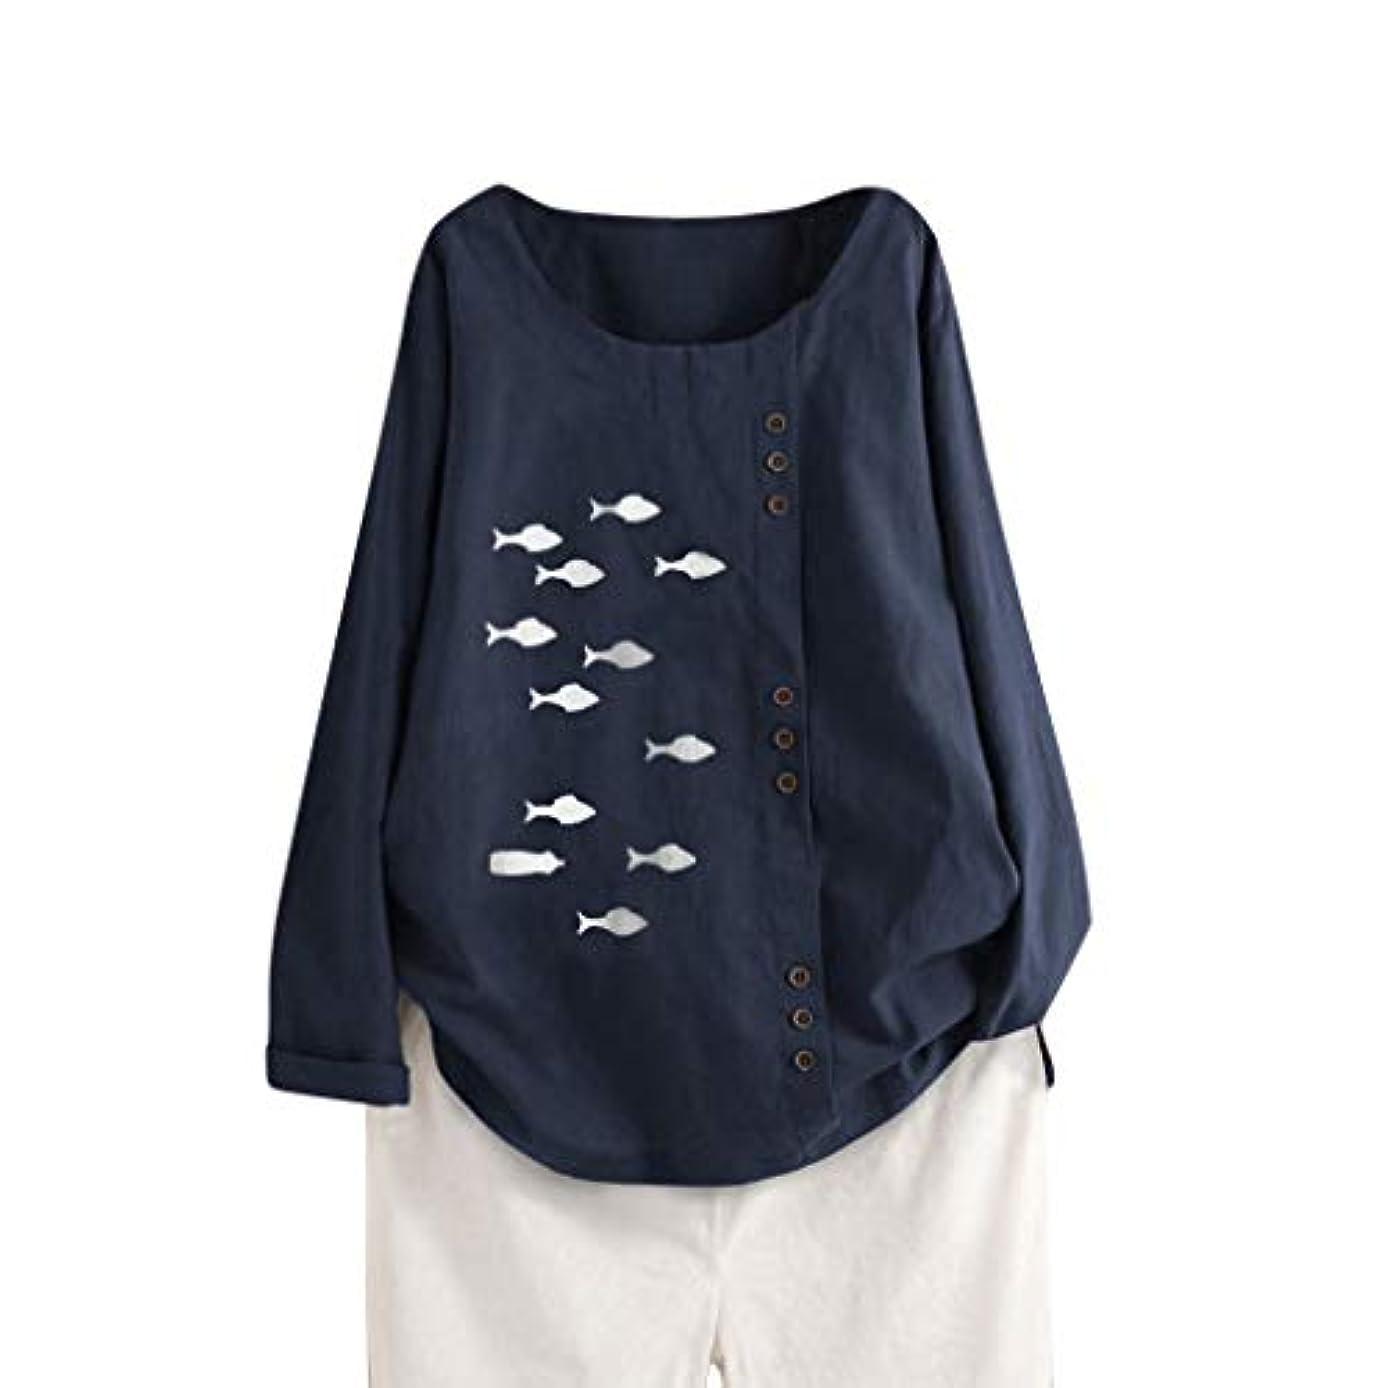 直径地元ジョージスティーブンソンAguleaph レディース Tシャツ おおきいサイズ 長袖 コットンとリネン 魚のパターン トップス 学生 洋服 お出かけ ワイシャツ 流行り ブラウス 快適な 軽い 柔らかい かっこいい カジュアル シンプル オシャレ 春夏秋